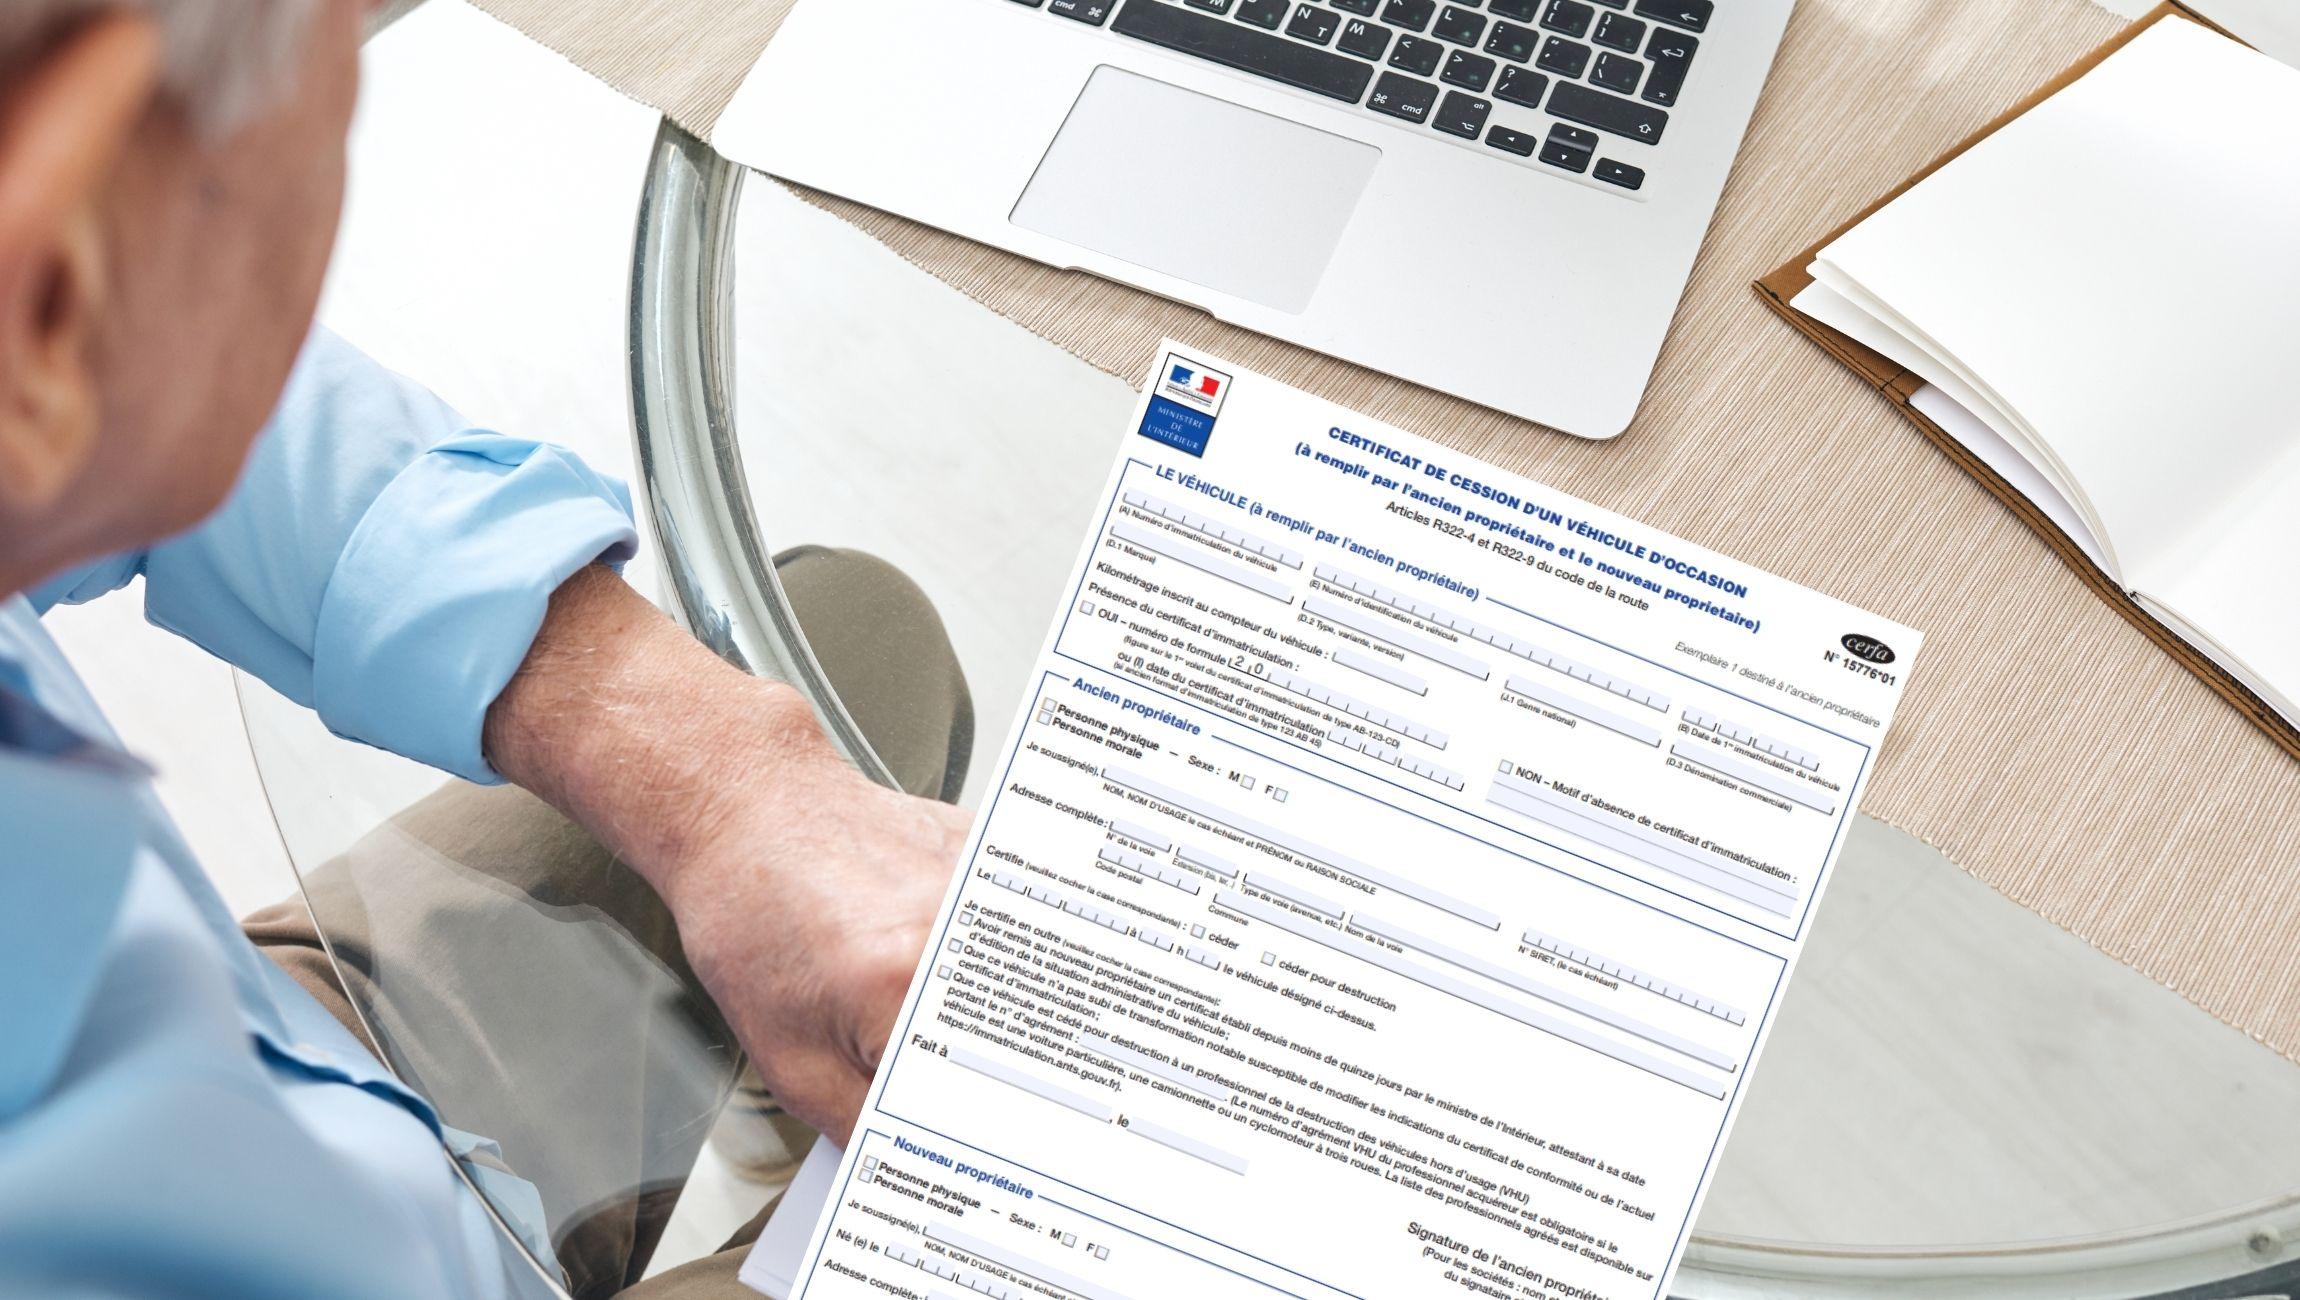 Certificat de cession pdf à remplir  (Cerfa n°15776*01)